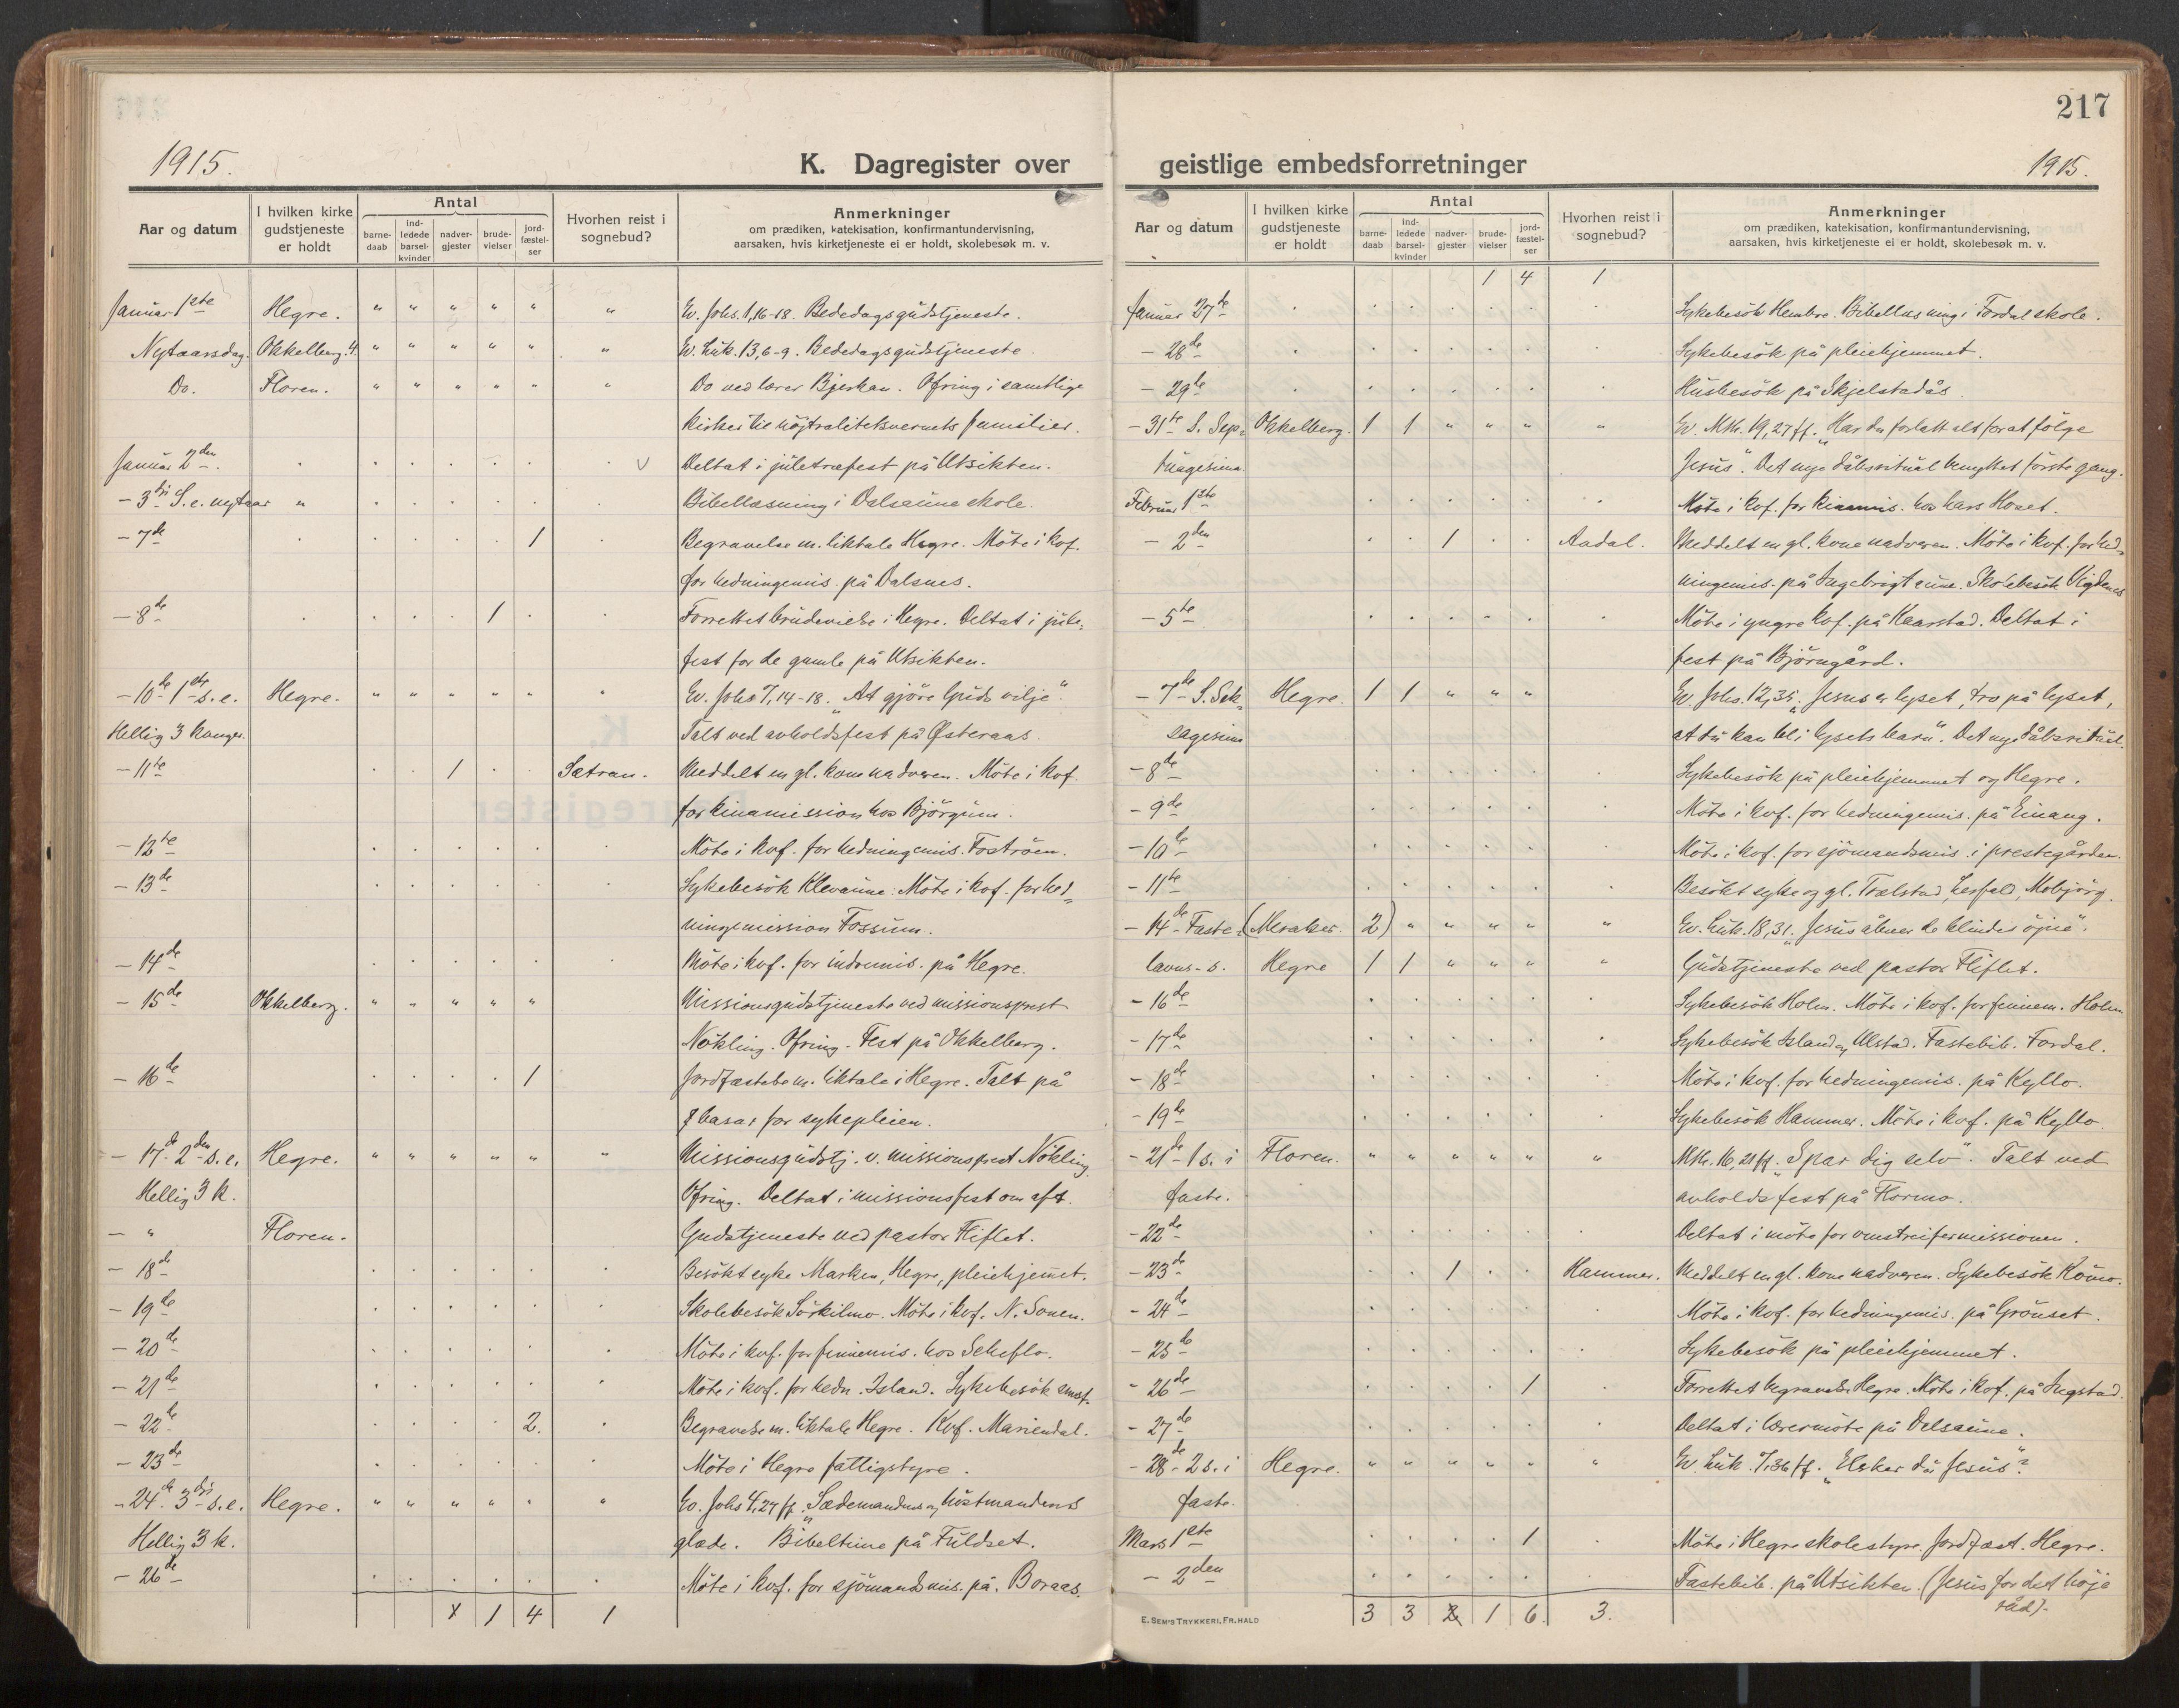 SAT, Ministerialprotokoller, klokkerbøker og fødselsregistre - Nord-Trøndelag, 703/L0037: Parish register (official) no. 703A10, 1915-1932, p. 217